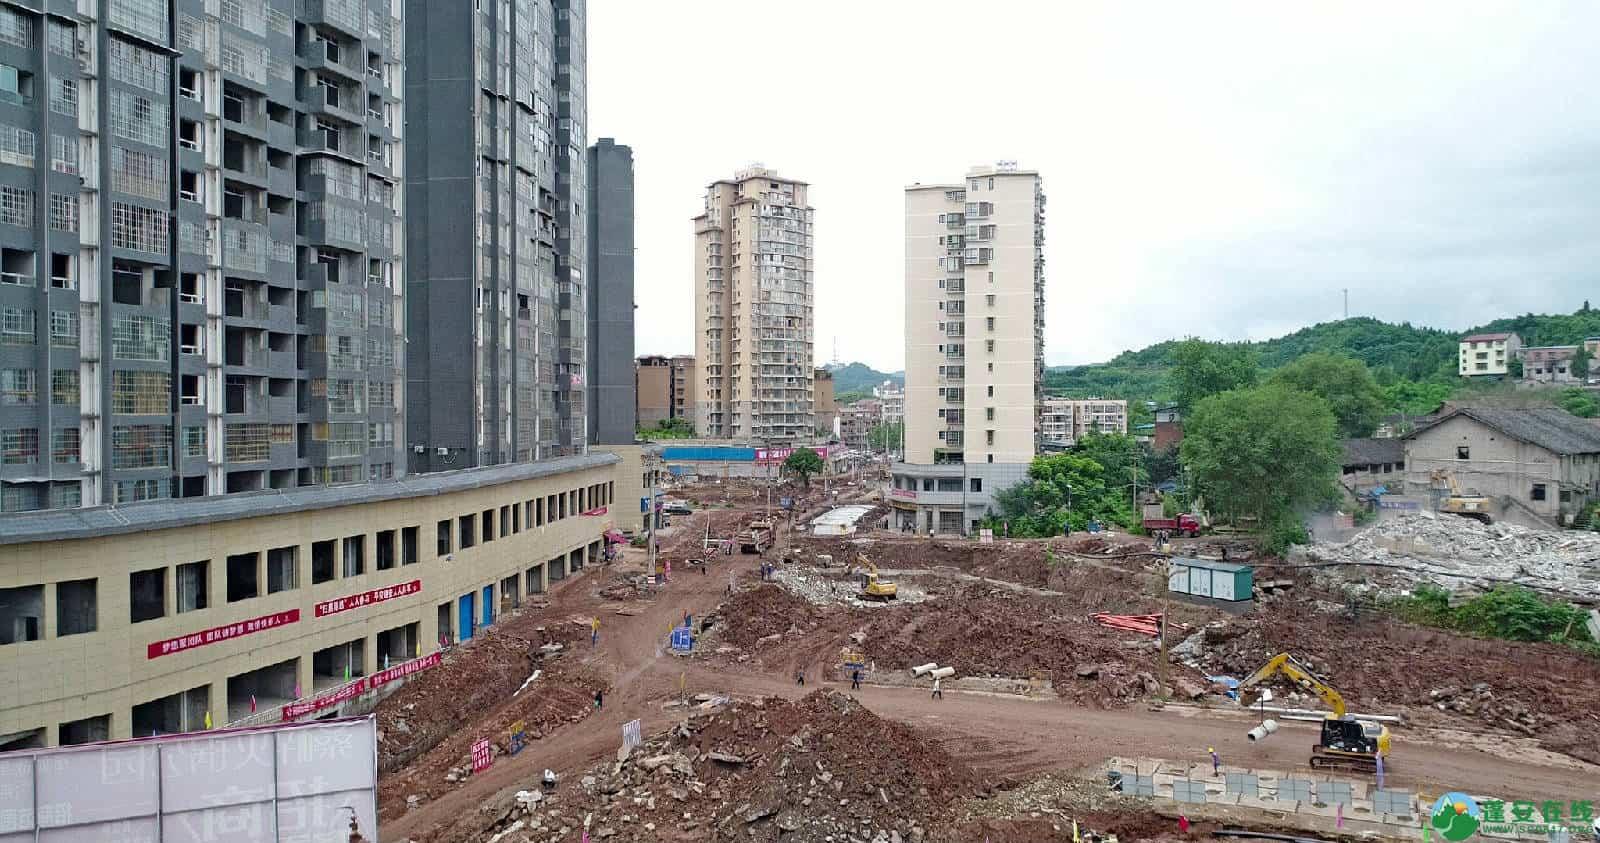 蓬安县嘉陵西路改建工程进展(2019-06-16) - 第10张  | 蓬安在线